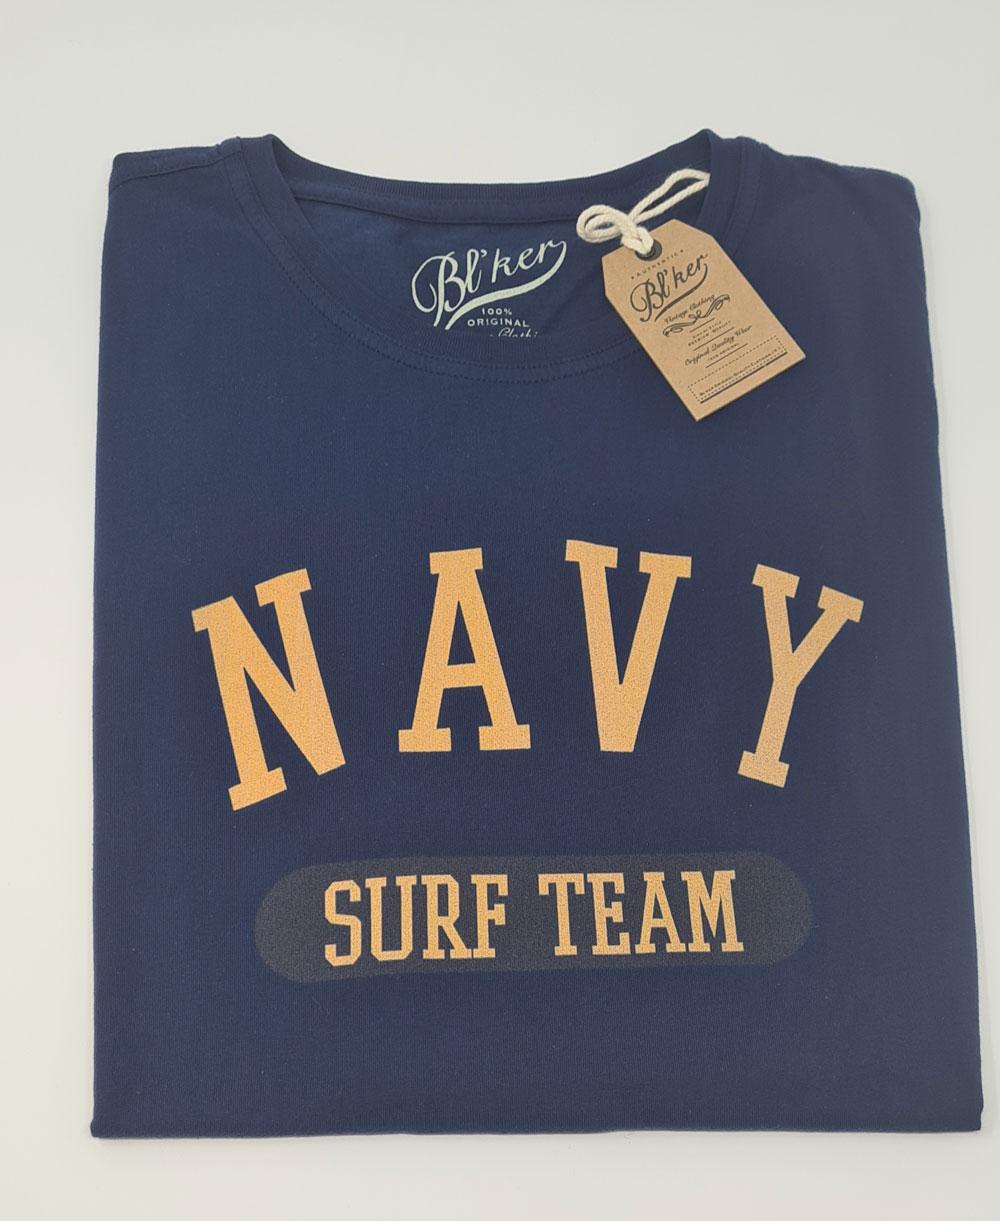 Men's Short Sleeve T-Shirt Navy Surf Team Navy